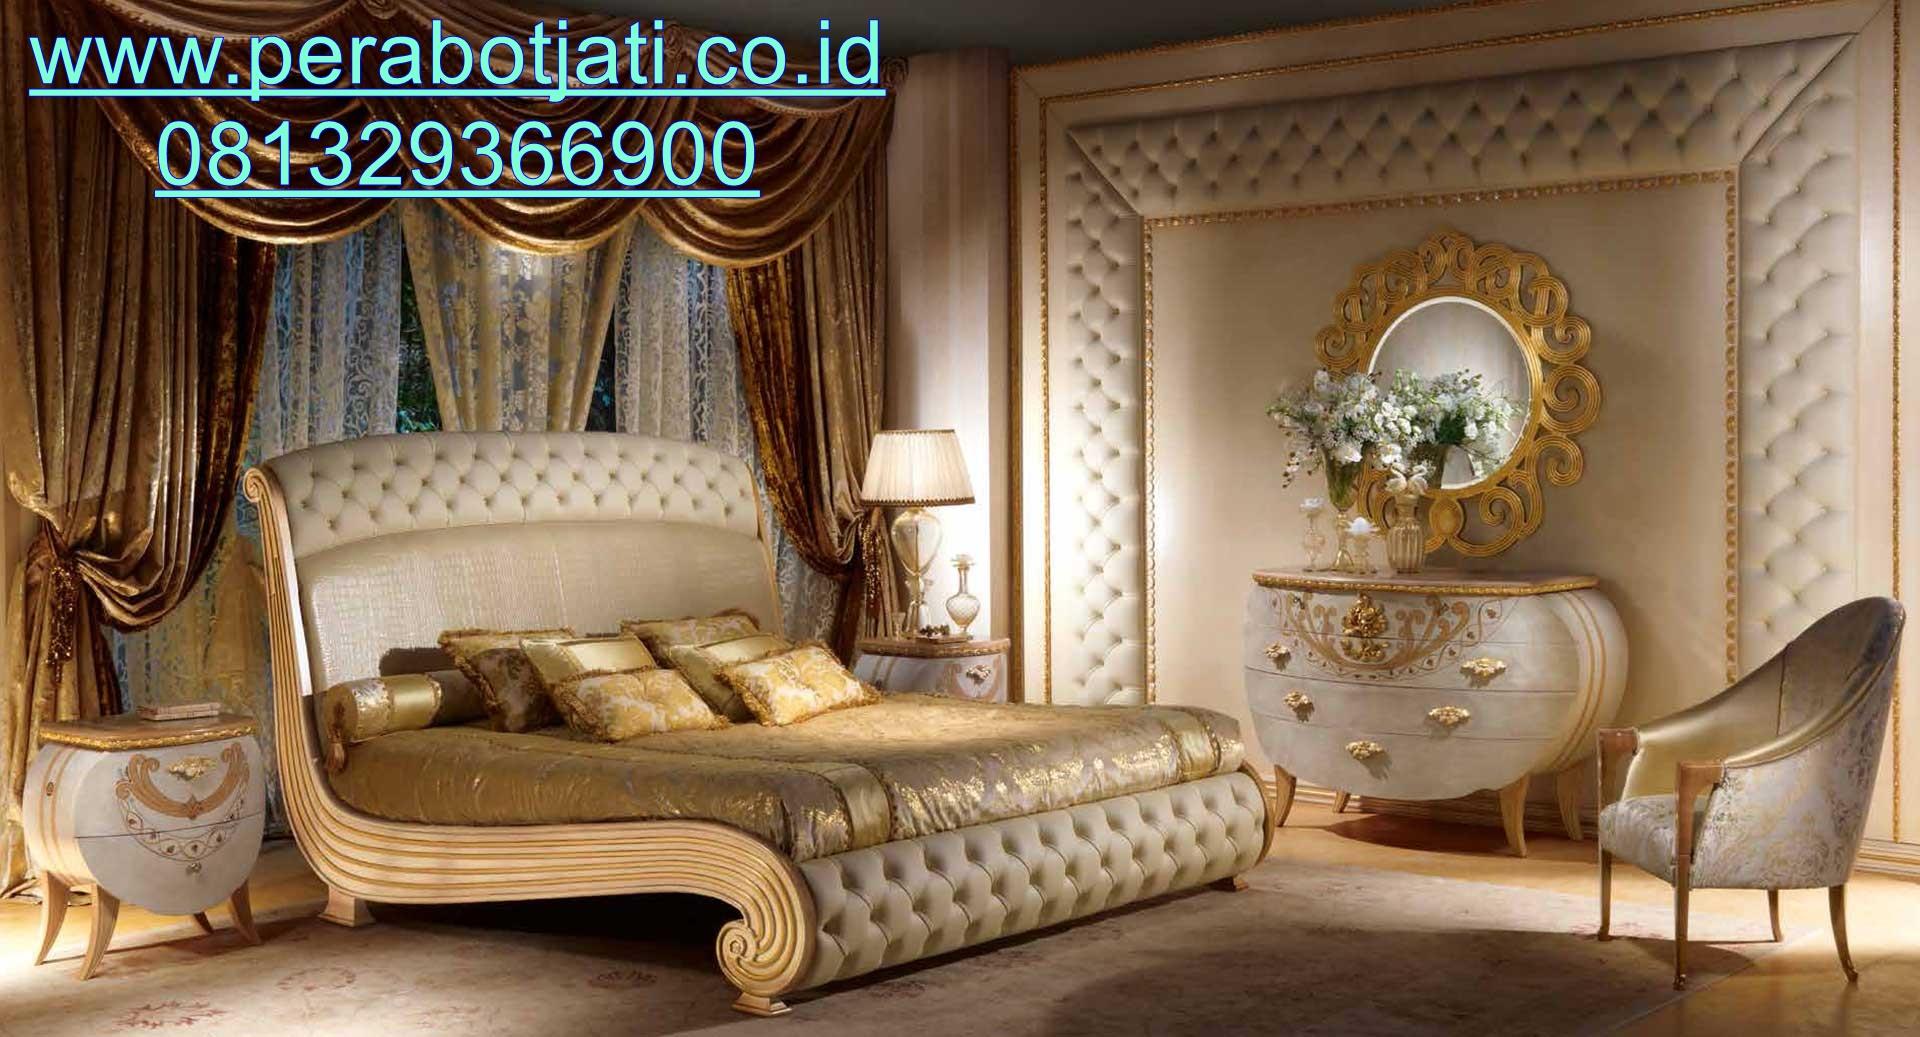 Desain Tempat Tidur Klasik Italy Model Lengkung